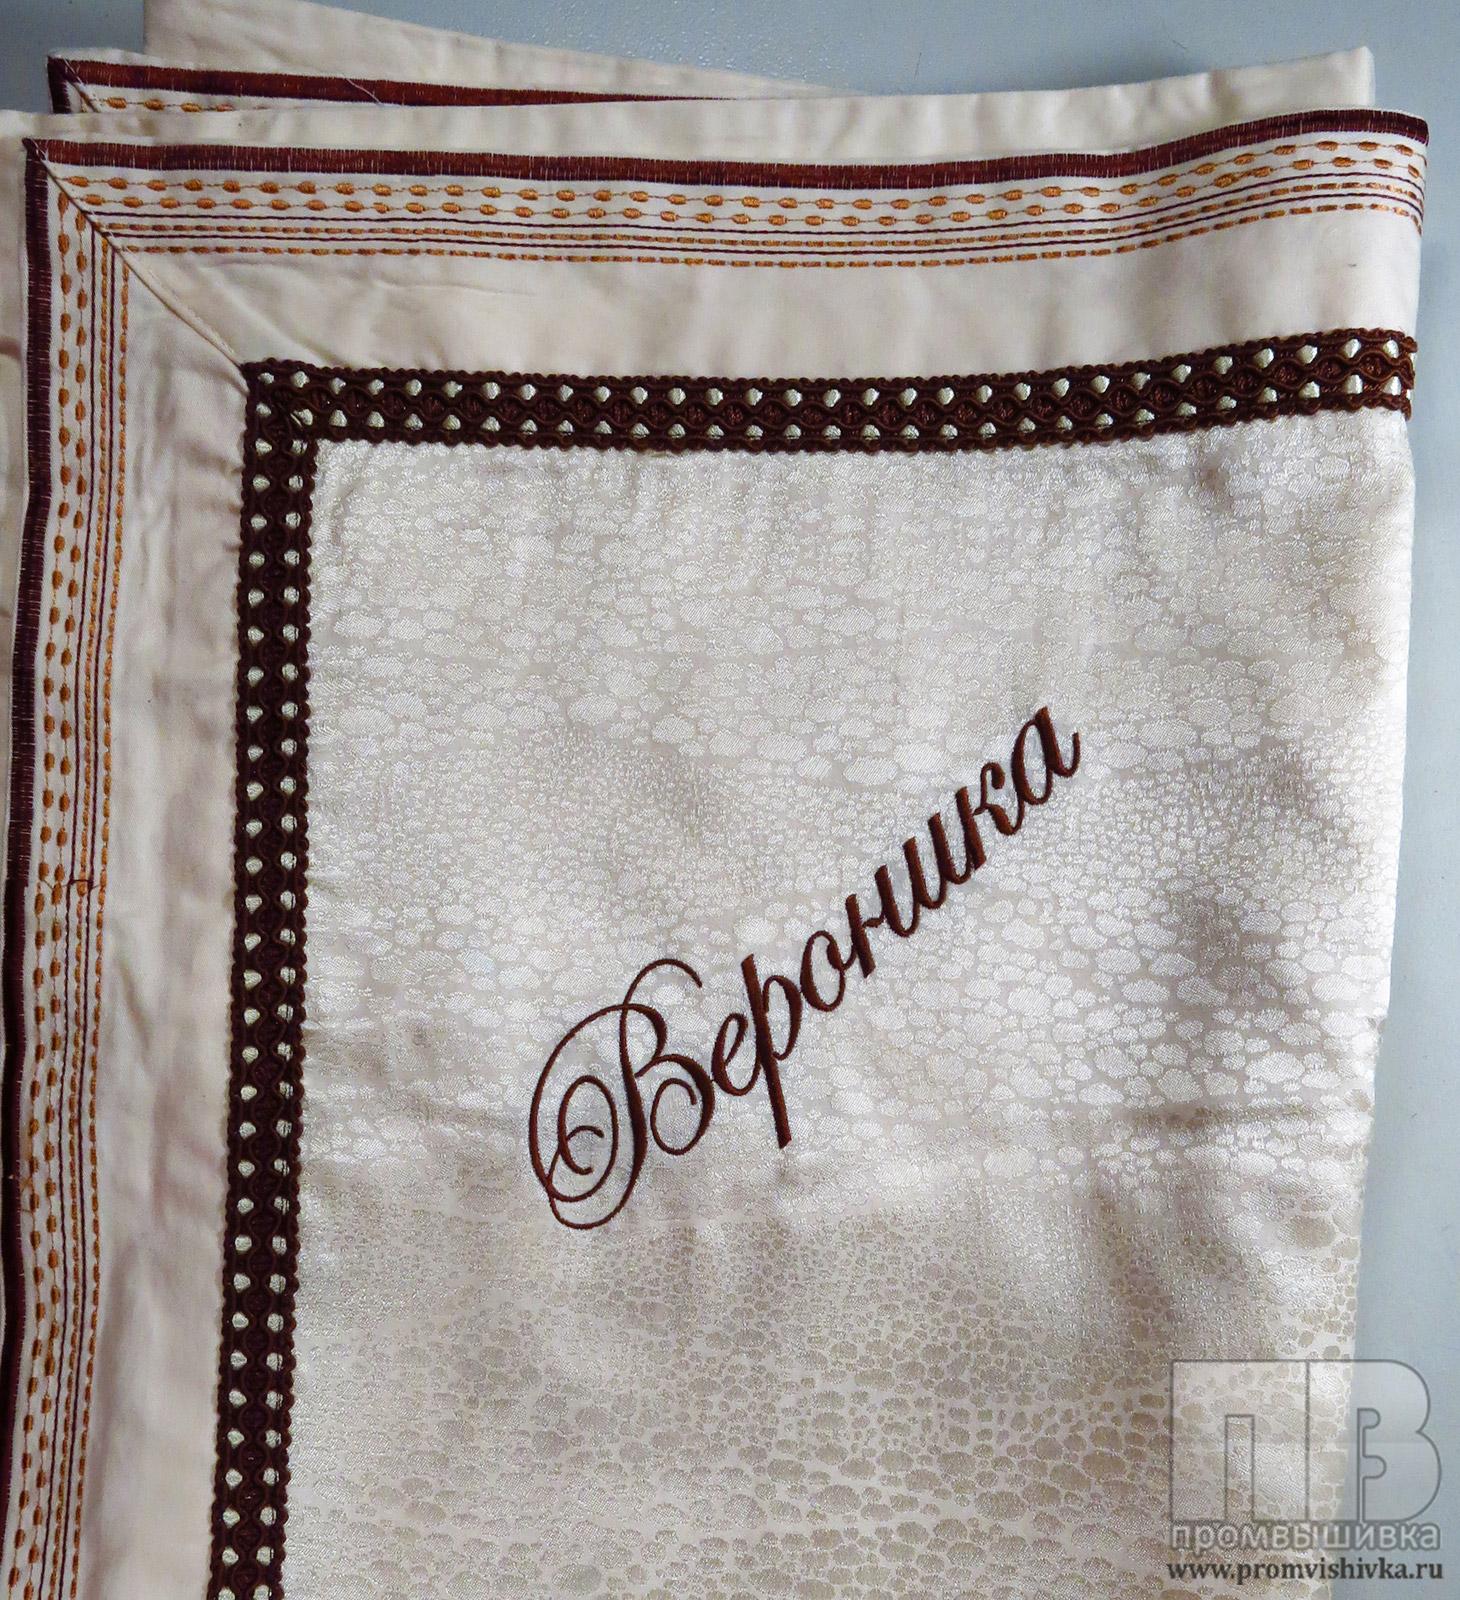 Вышивка имени на заказ на ткани 3